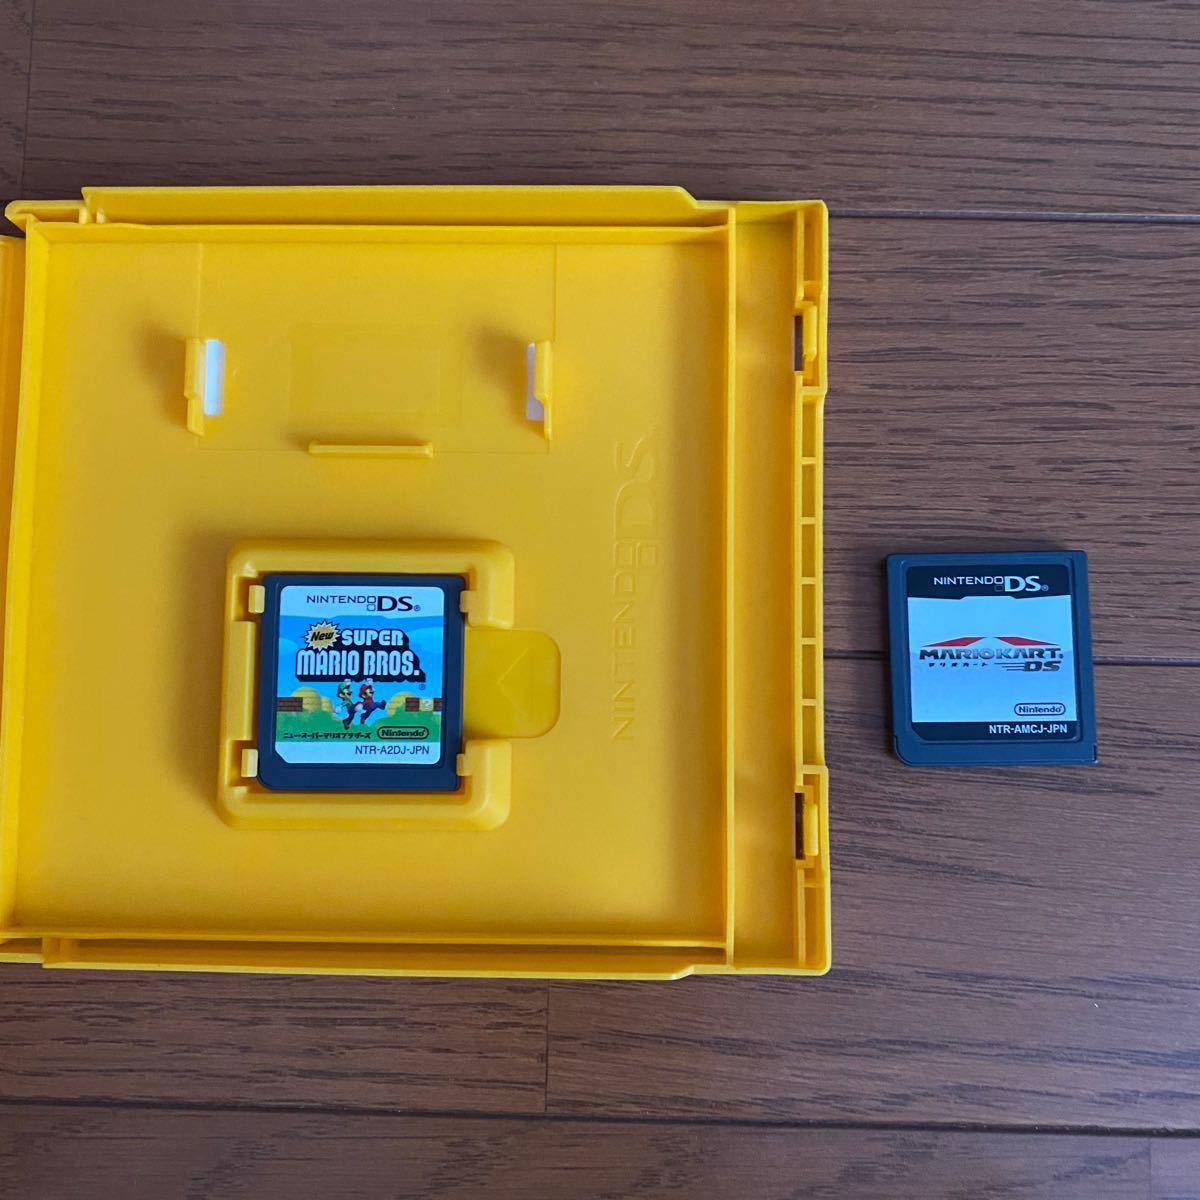 マリオカート&ニュースーパーマリオブラザーズ DSソフト